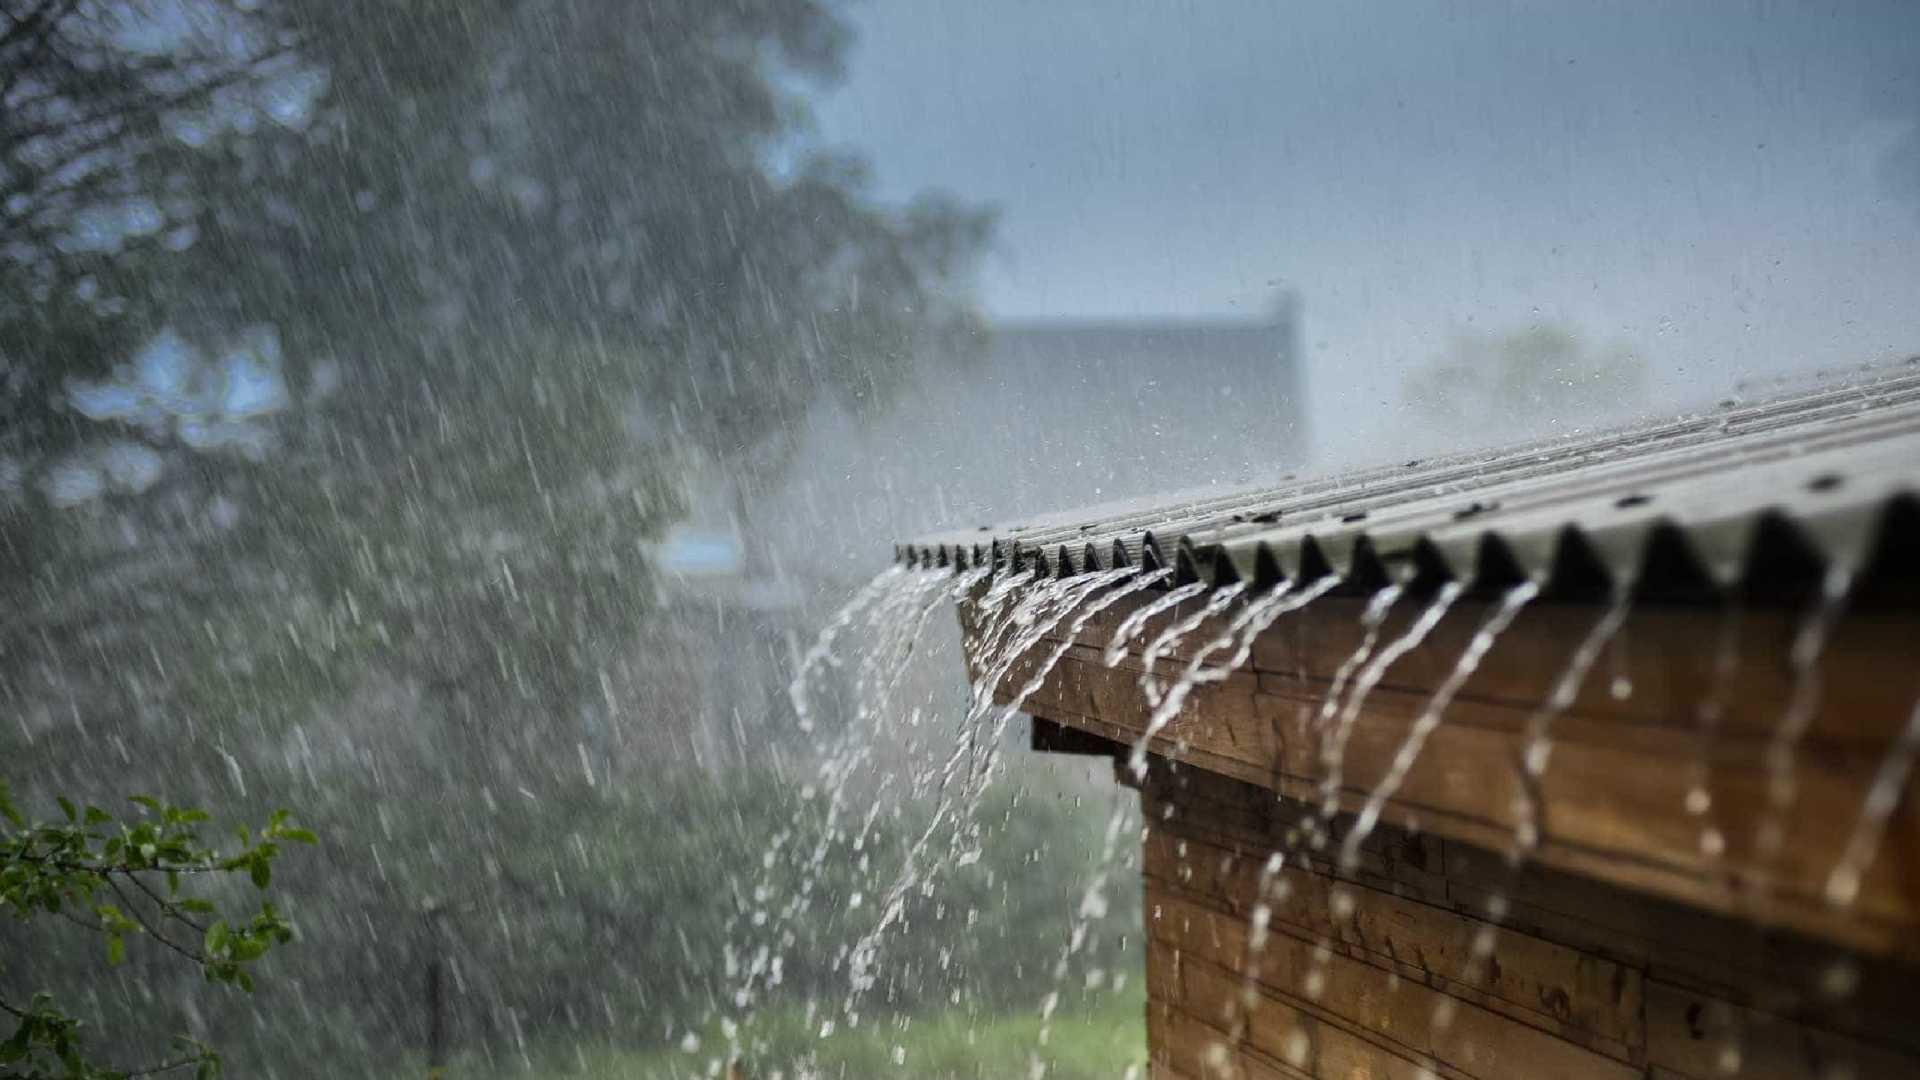 naom 5899b661b5982 - Instituto de Meteorologia prevê chuva forte em mais de 100 cidades da Paraíba